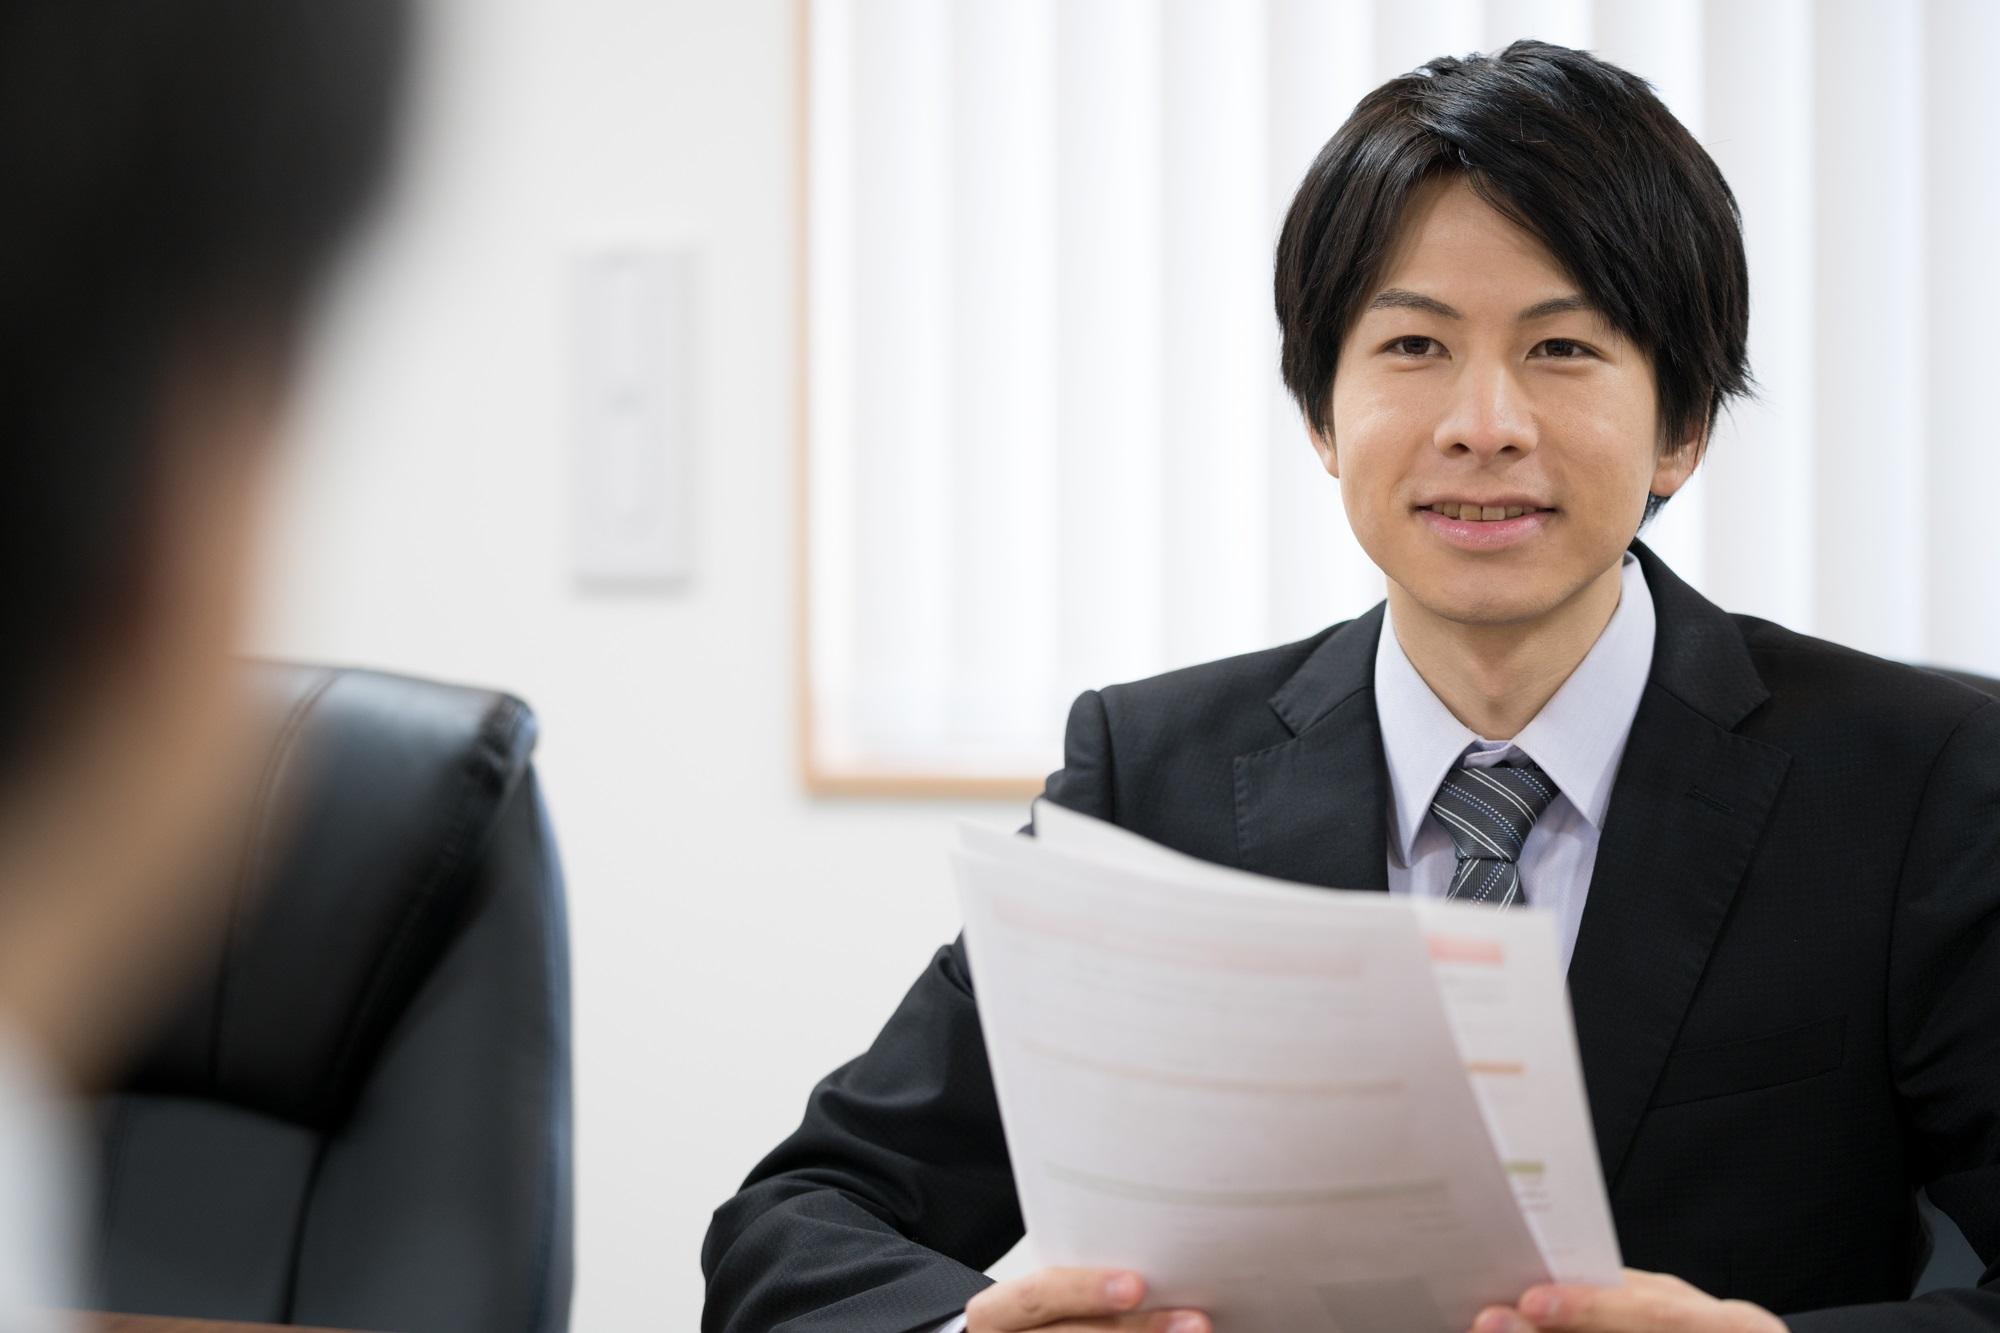 休職する部下を持つ上司の役割と責任